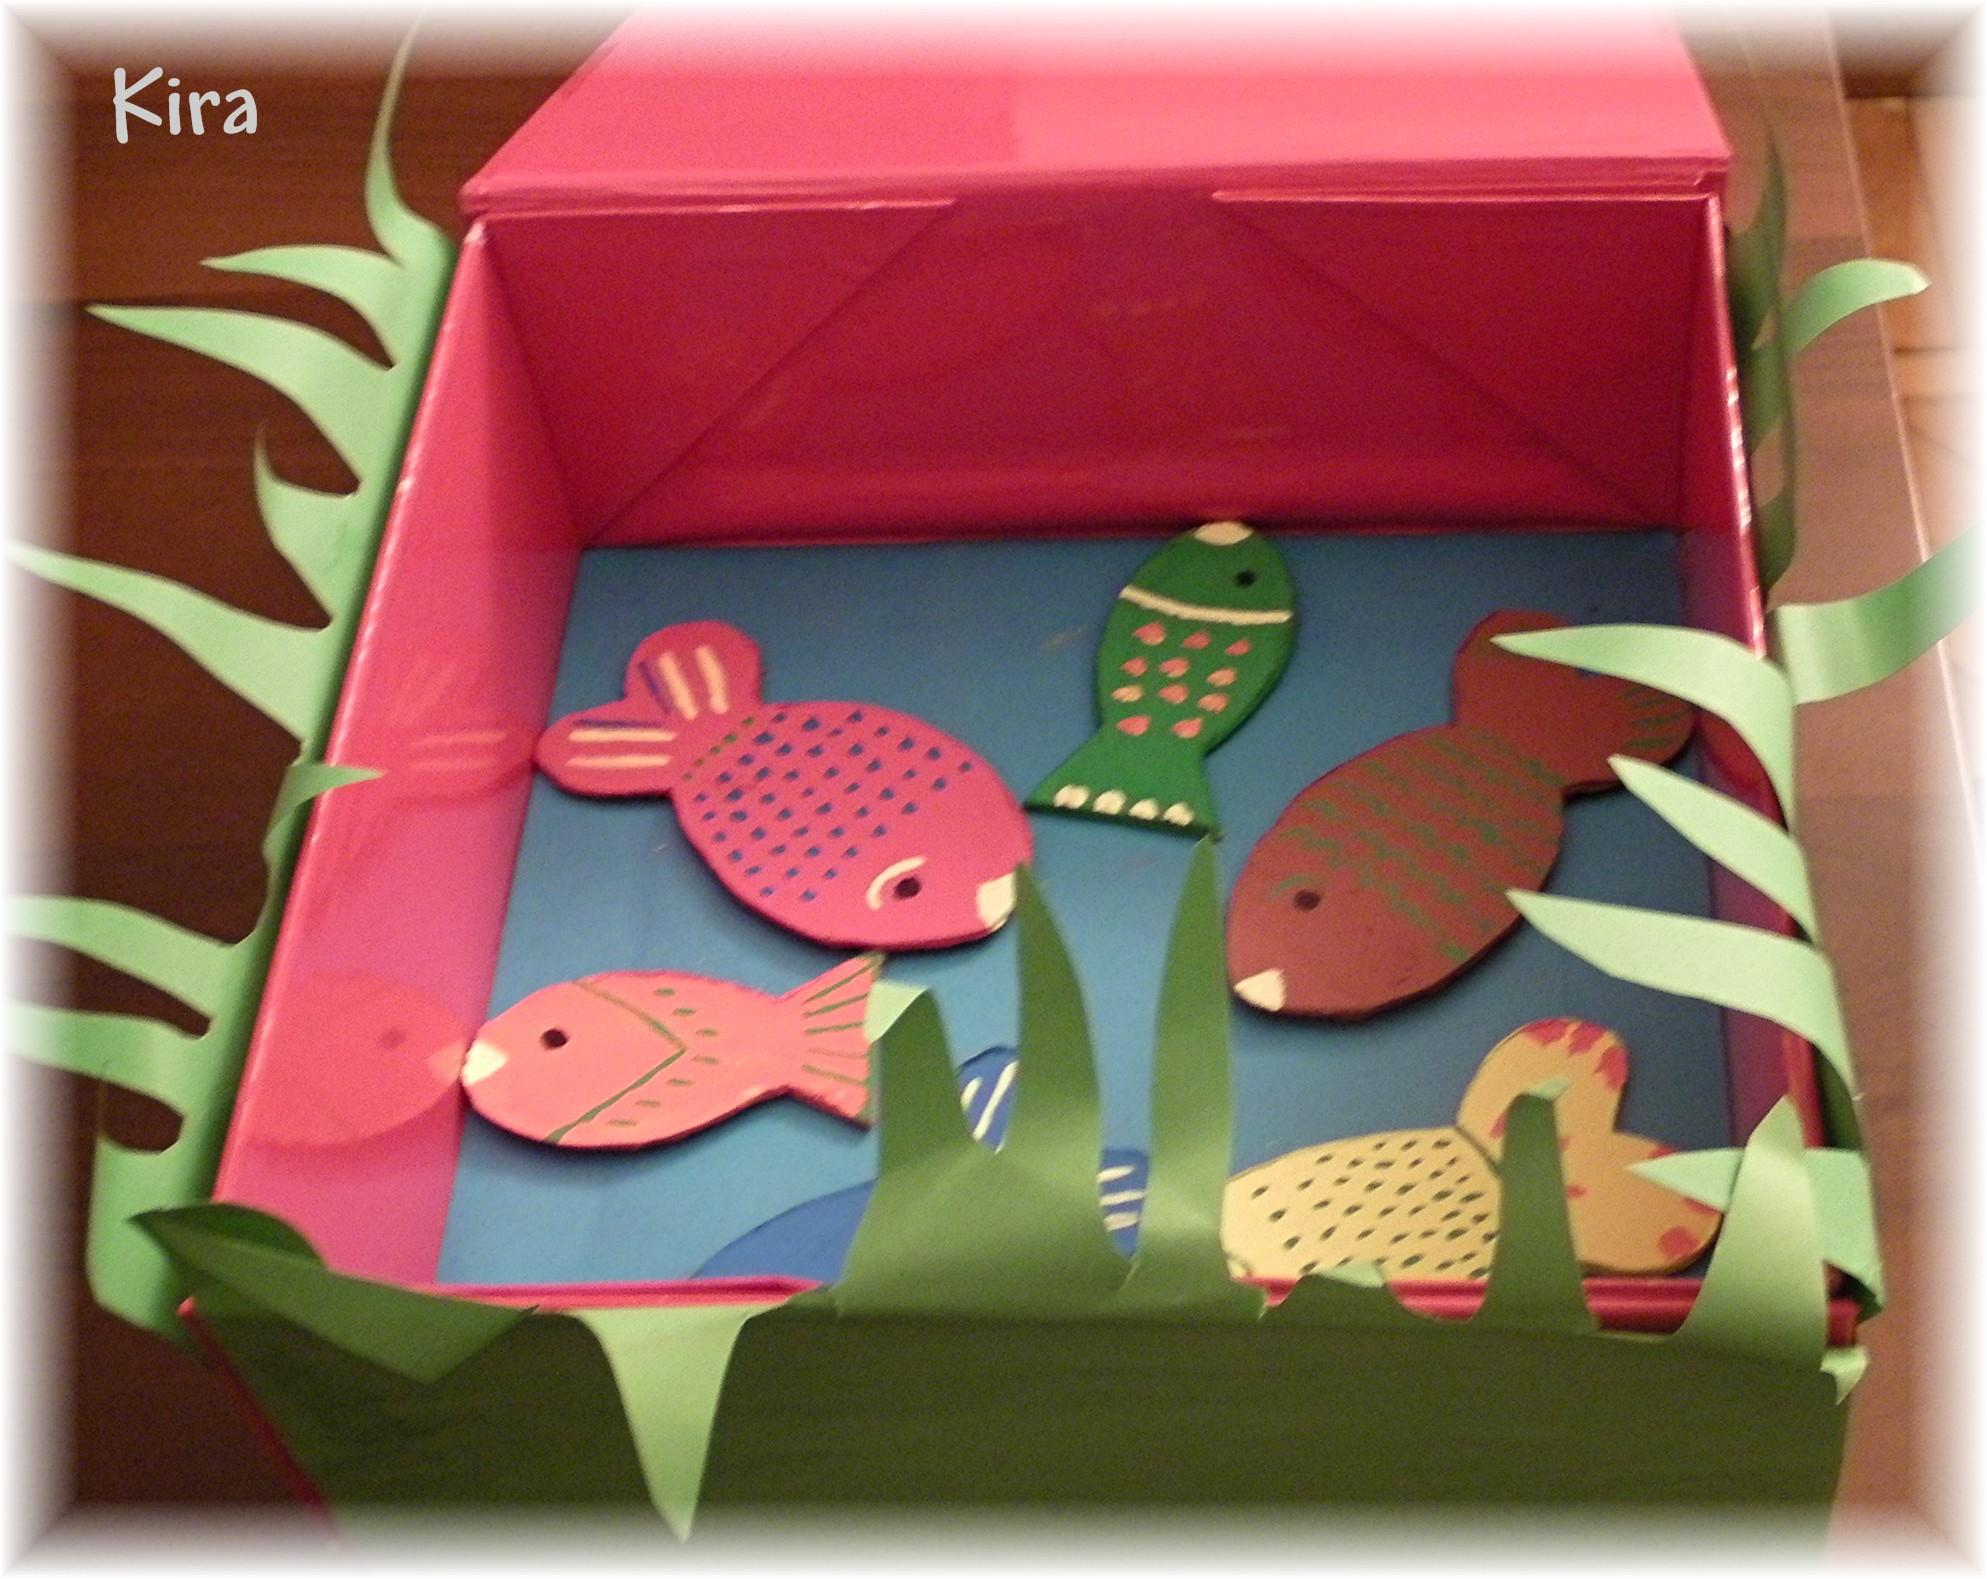 Giochi fatti in casa part 5 - Fatti di gargoyle per bambini ...